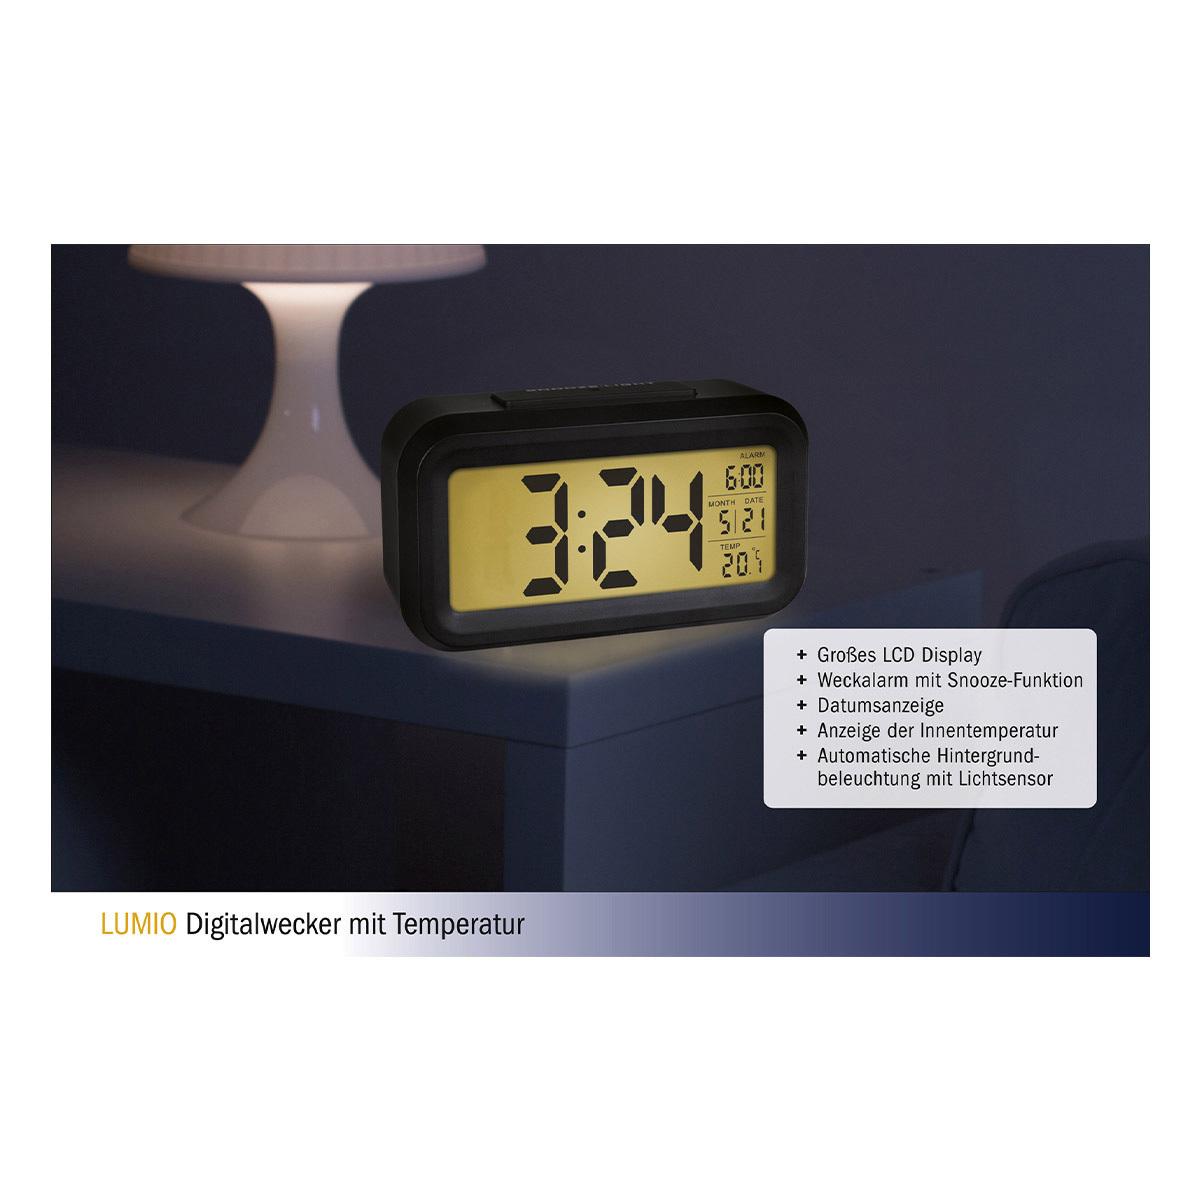 60-2018-01-digitaler-wecker-mit-temperatur-lumio-vorteile-1200x1200px.jpg